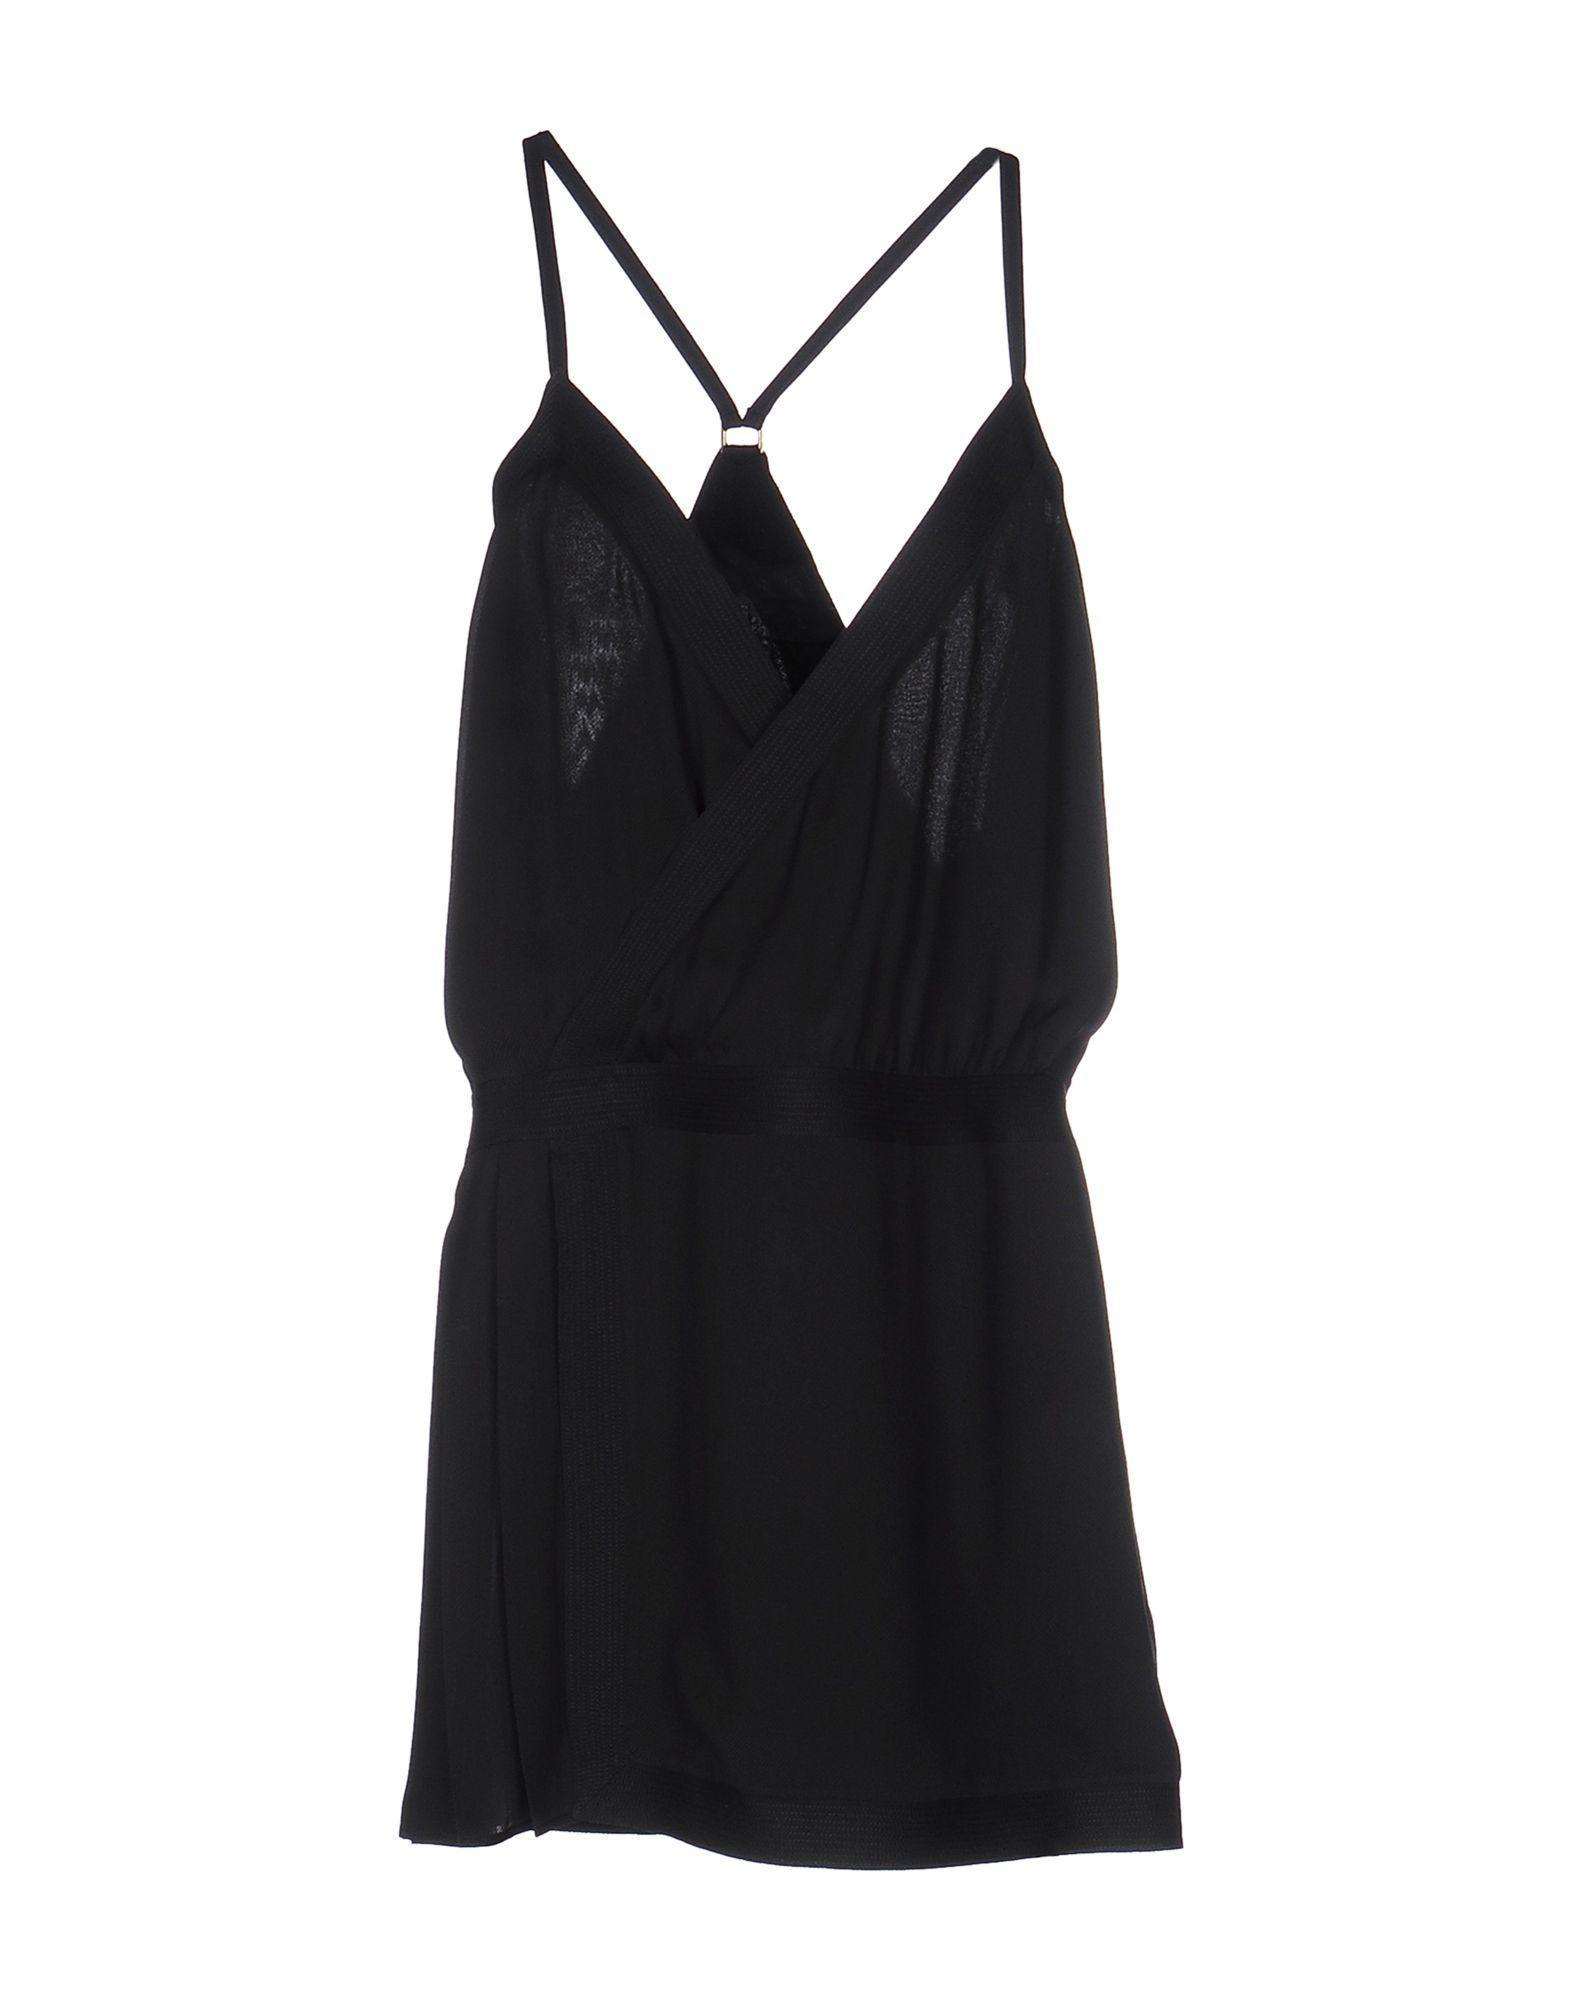 Vestito Corto Dsquared2 Donna - Acquista online su LKAlaHzbl